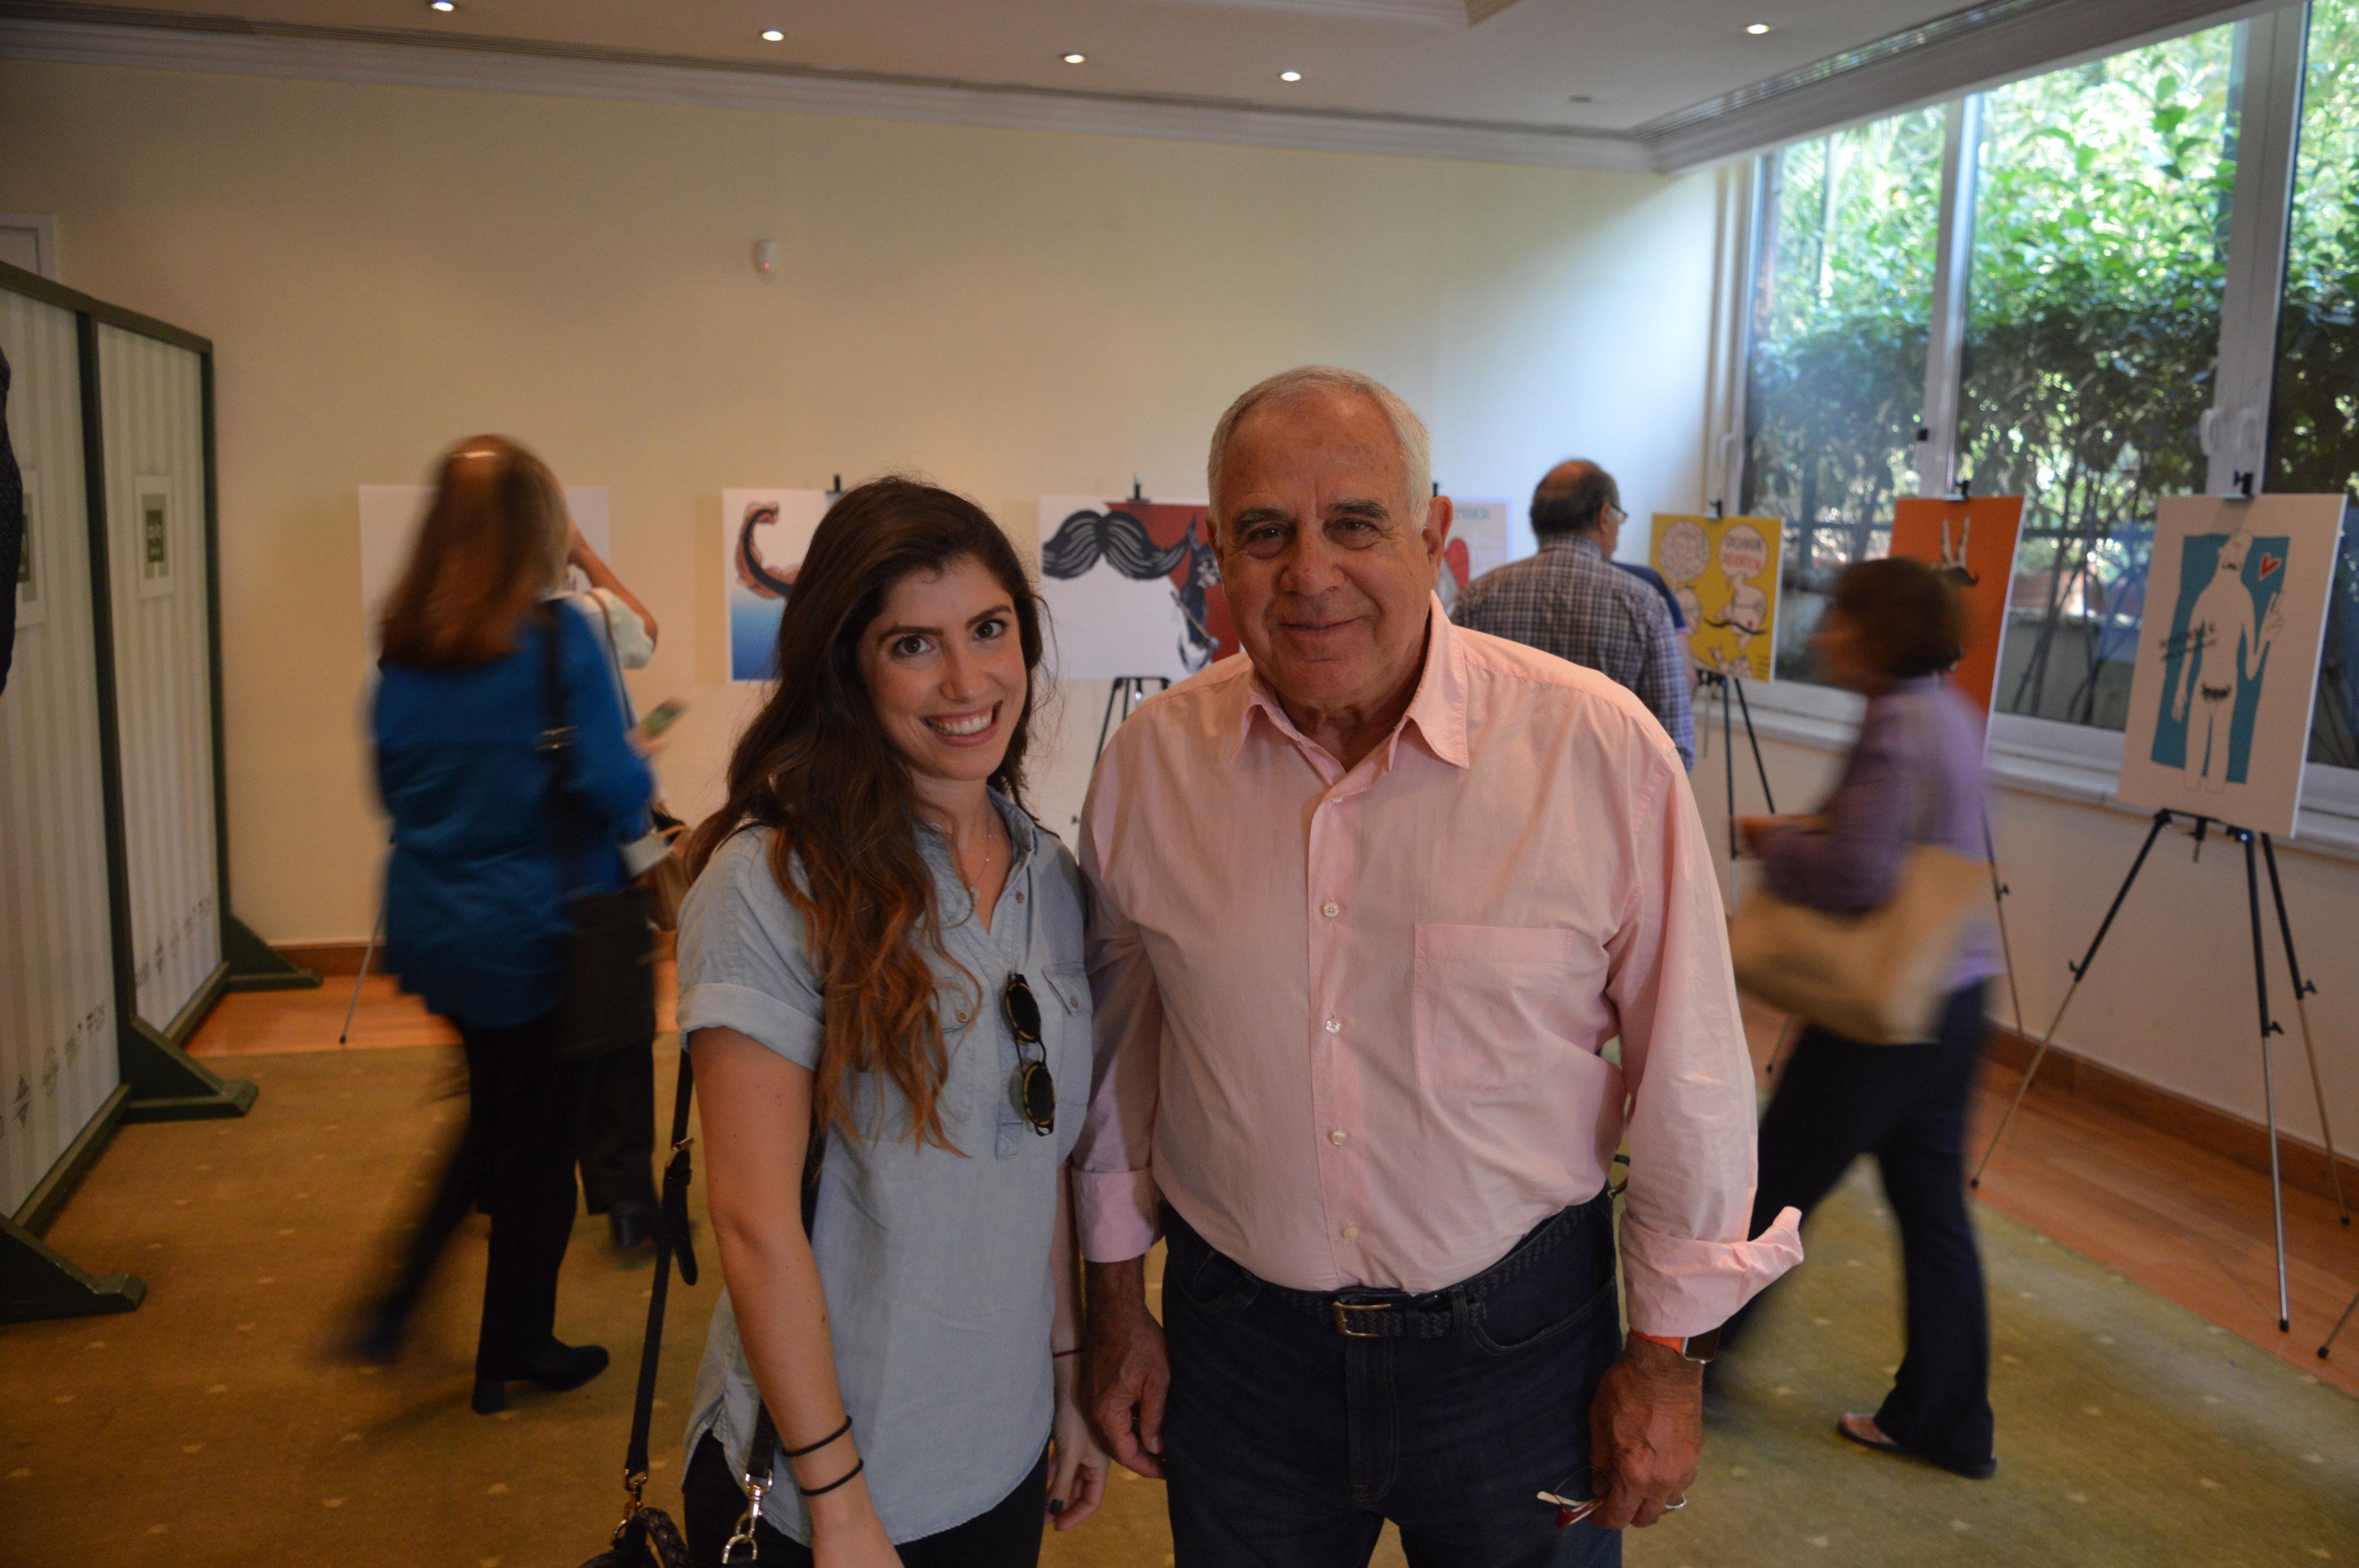 Αγγελική Γκούβαλη και ο Πρόεδρος του Συλλόγου Παλαίμαχων Αθλητών Καλαθοσφαίρισης Ελλάδας Αντώνης Κυρίτσης.